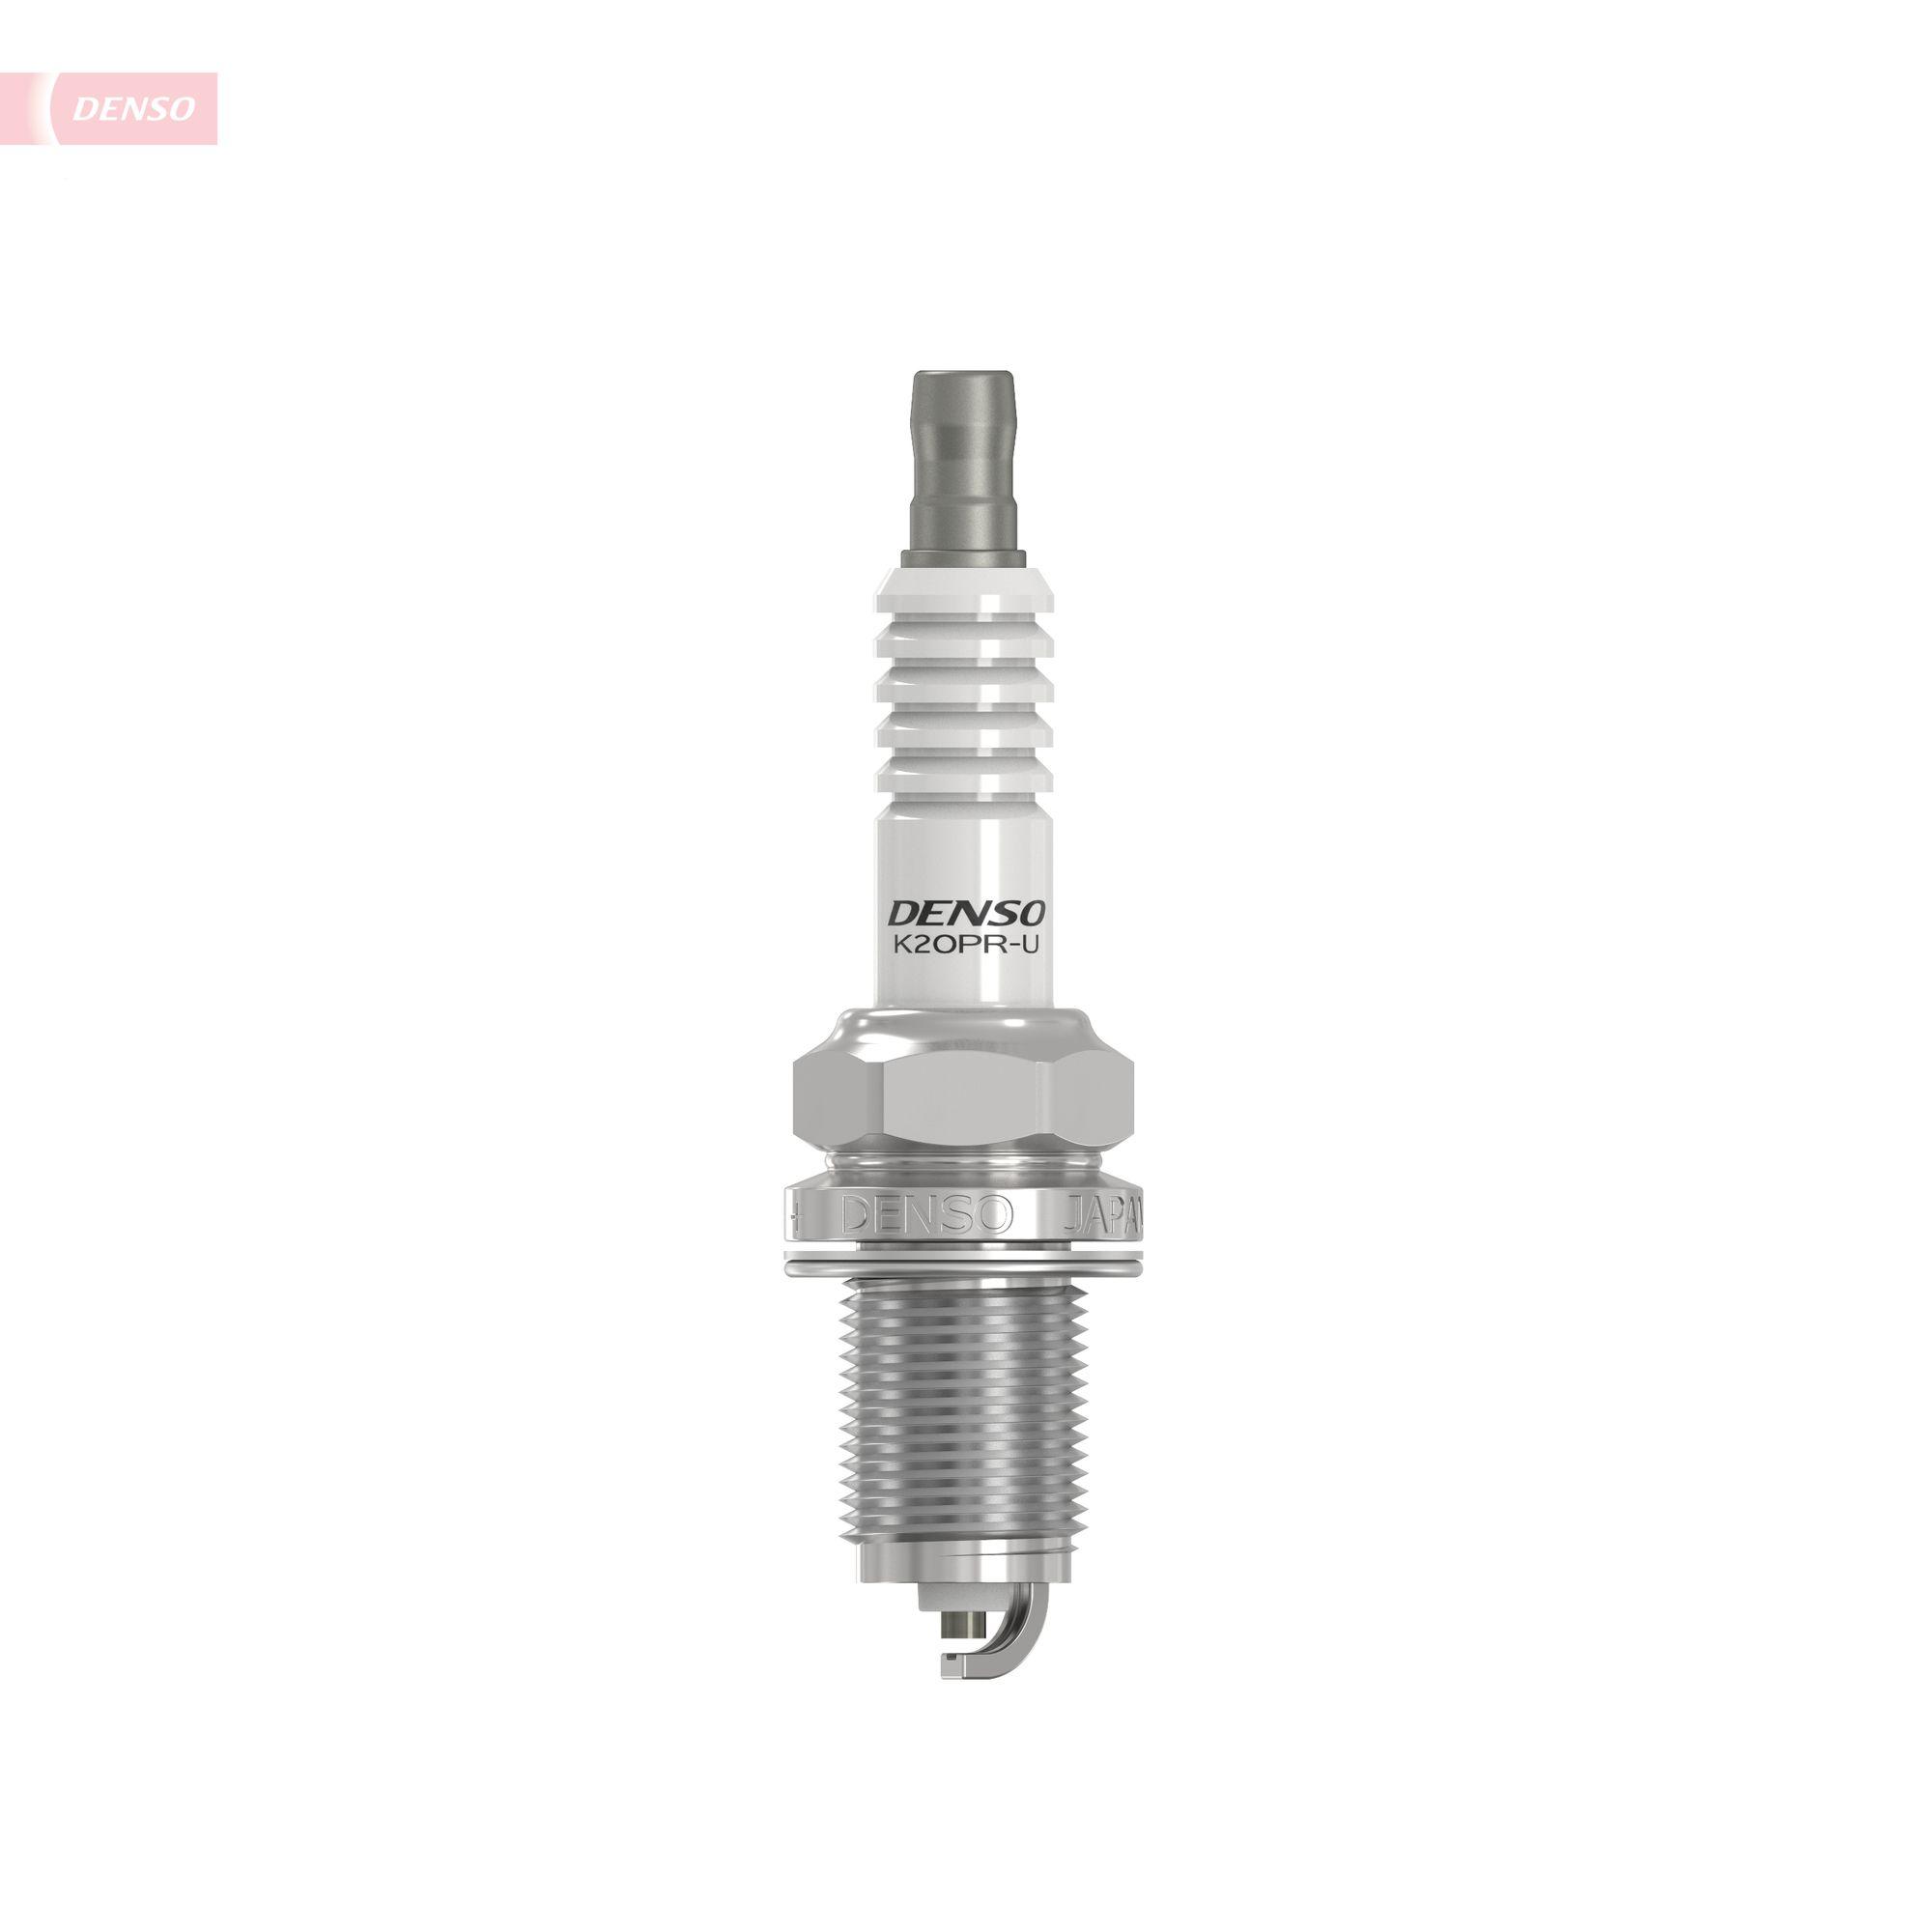 K20PR-U Vela de ignição DENSO - Produtos de marca baratos